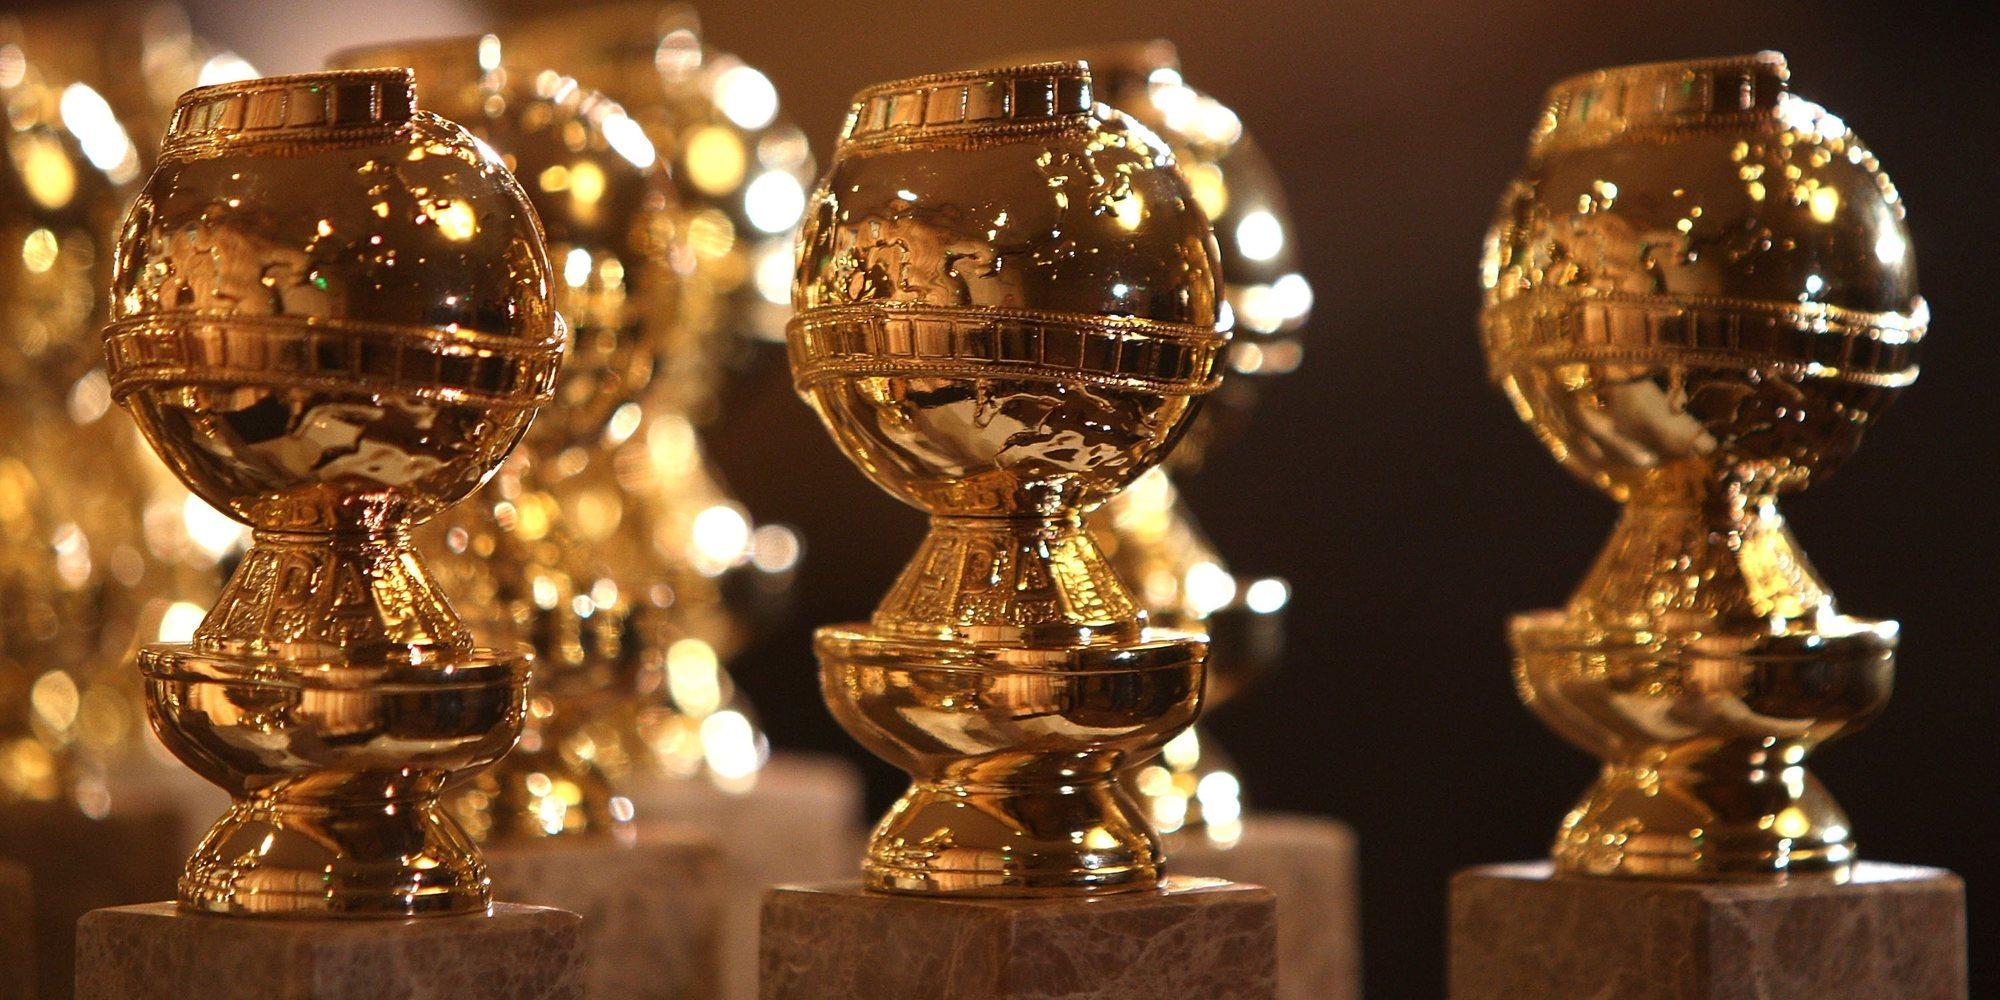 Lista completa de los ganadores de los Globos de Oro 2019